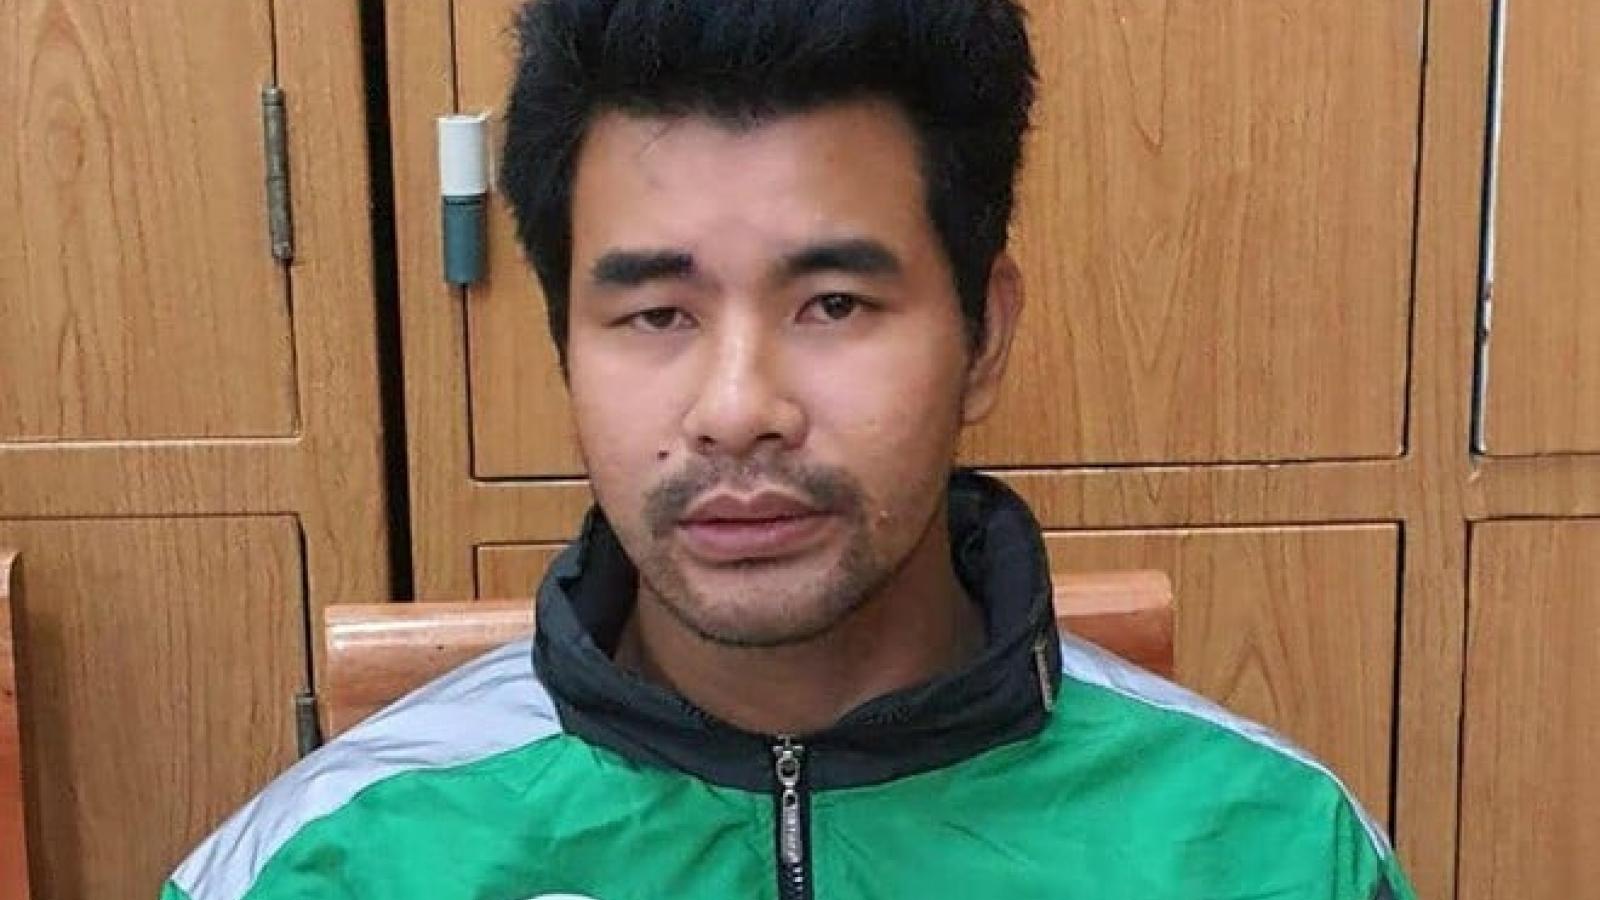 Kẻ tâm thần sát hại nữ công nhân môi trường tại Hà Nội là ai?